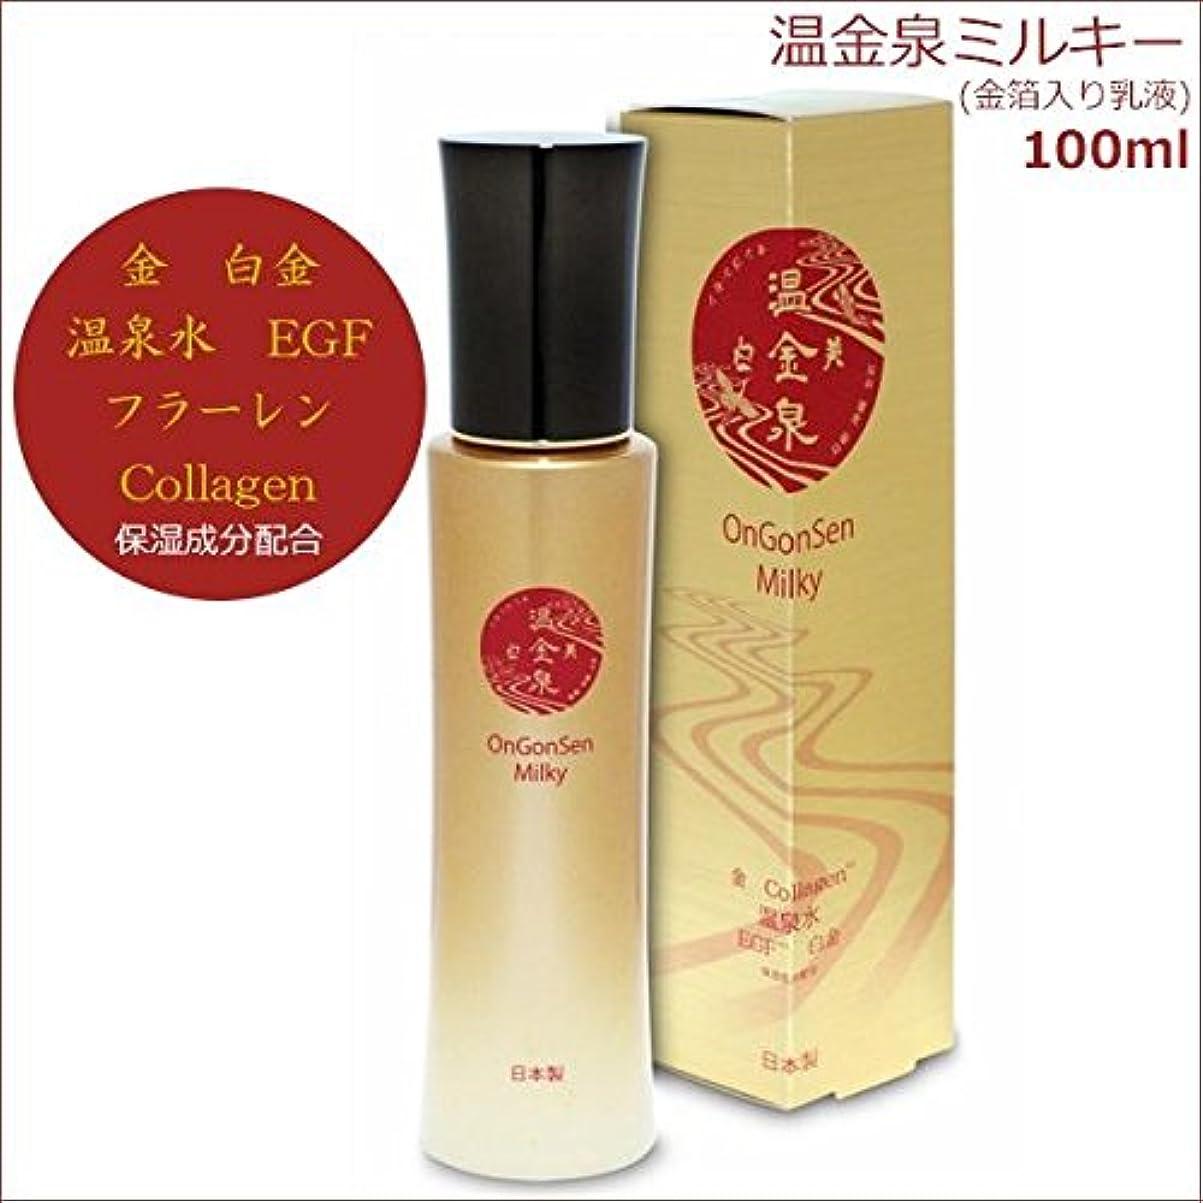 ワット複合リハーサル日本製 HiROSOPHY ヒロソフィー 温金泉(オンゴンセン)ミルキー (金箔入り乳液) 100ml